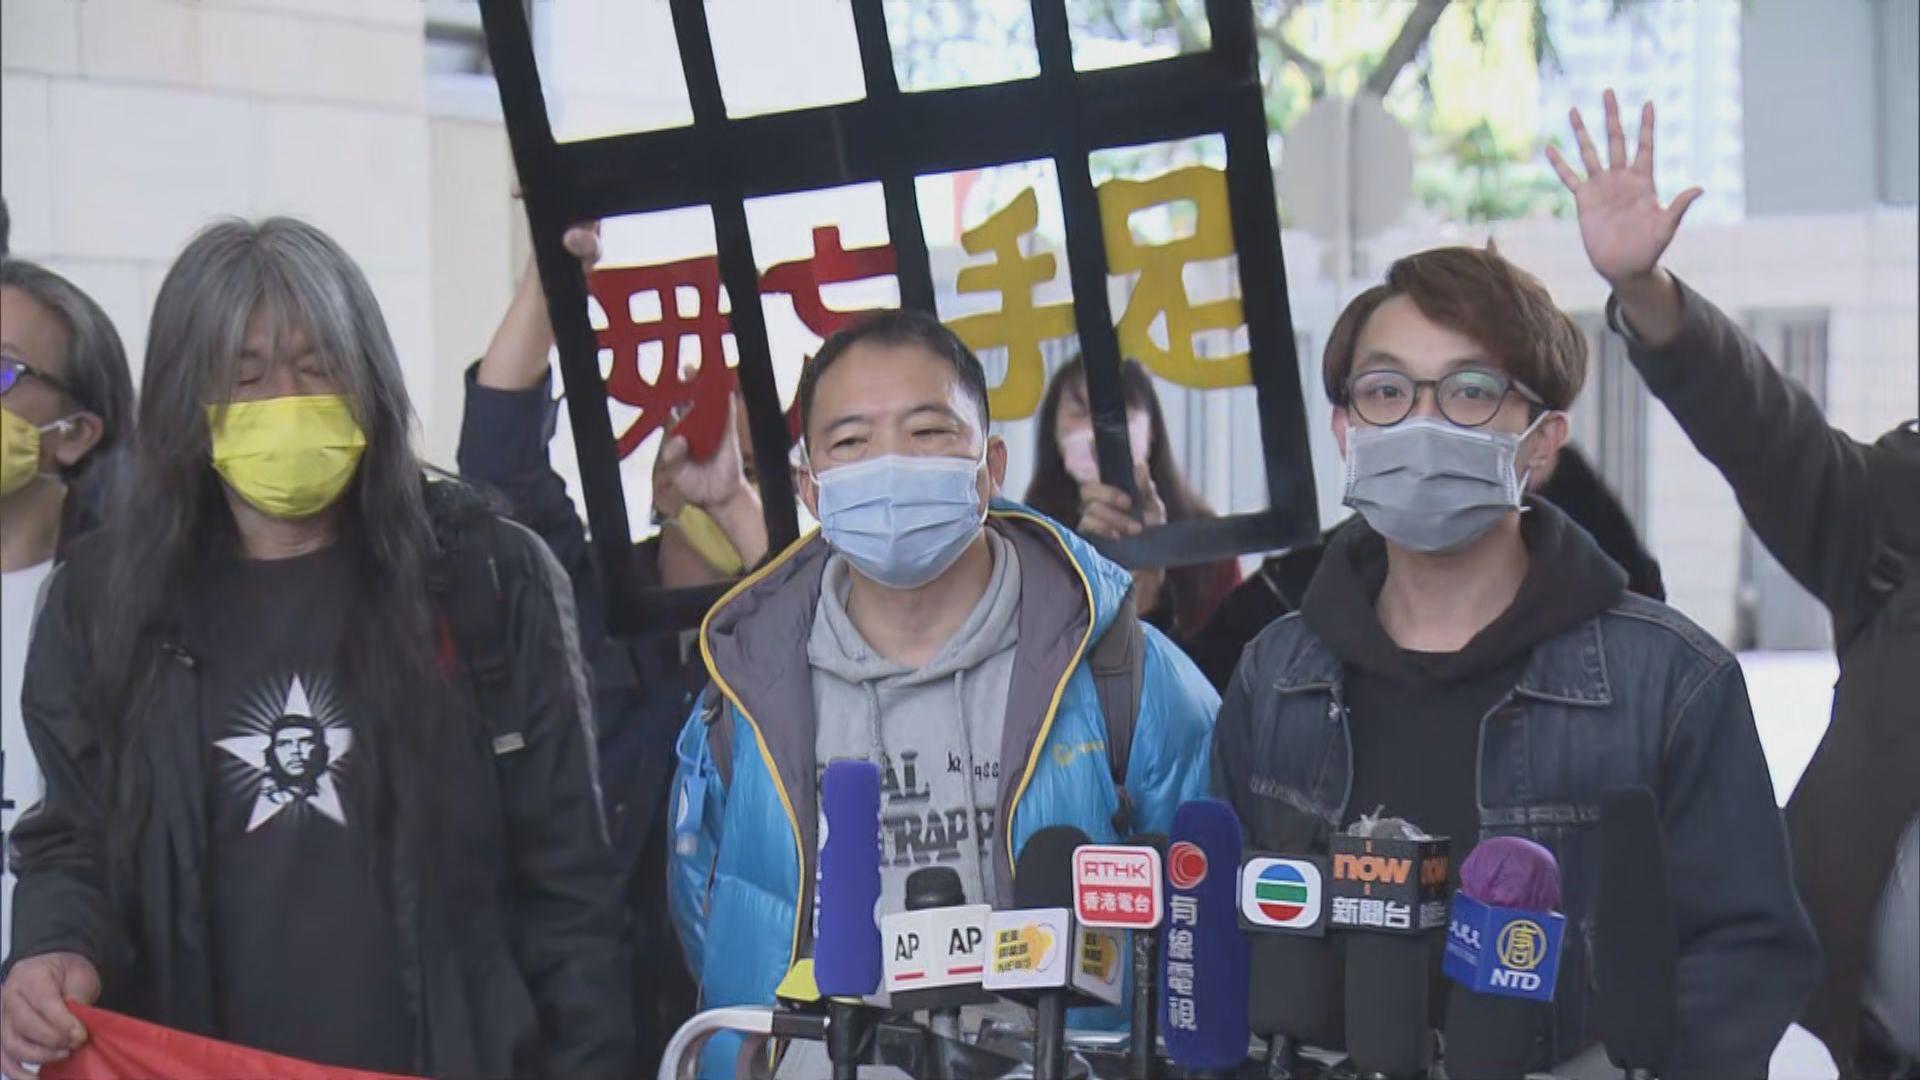 陳皓桓胡志偉等8人涉非法集結案 准保釋但不得離港